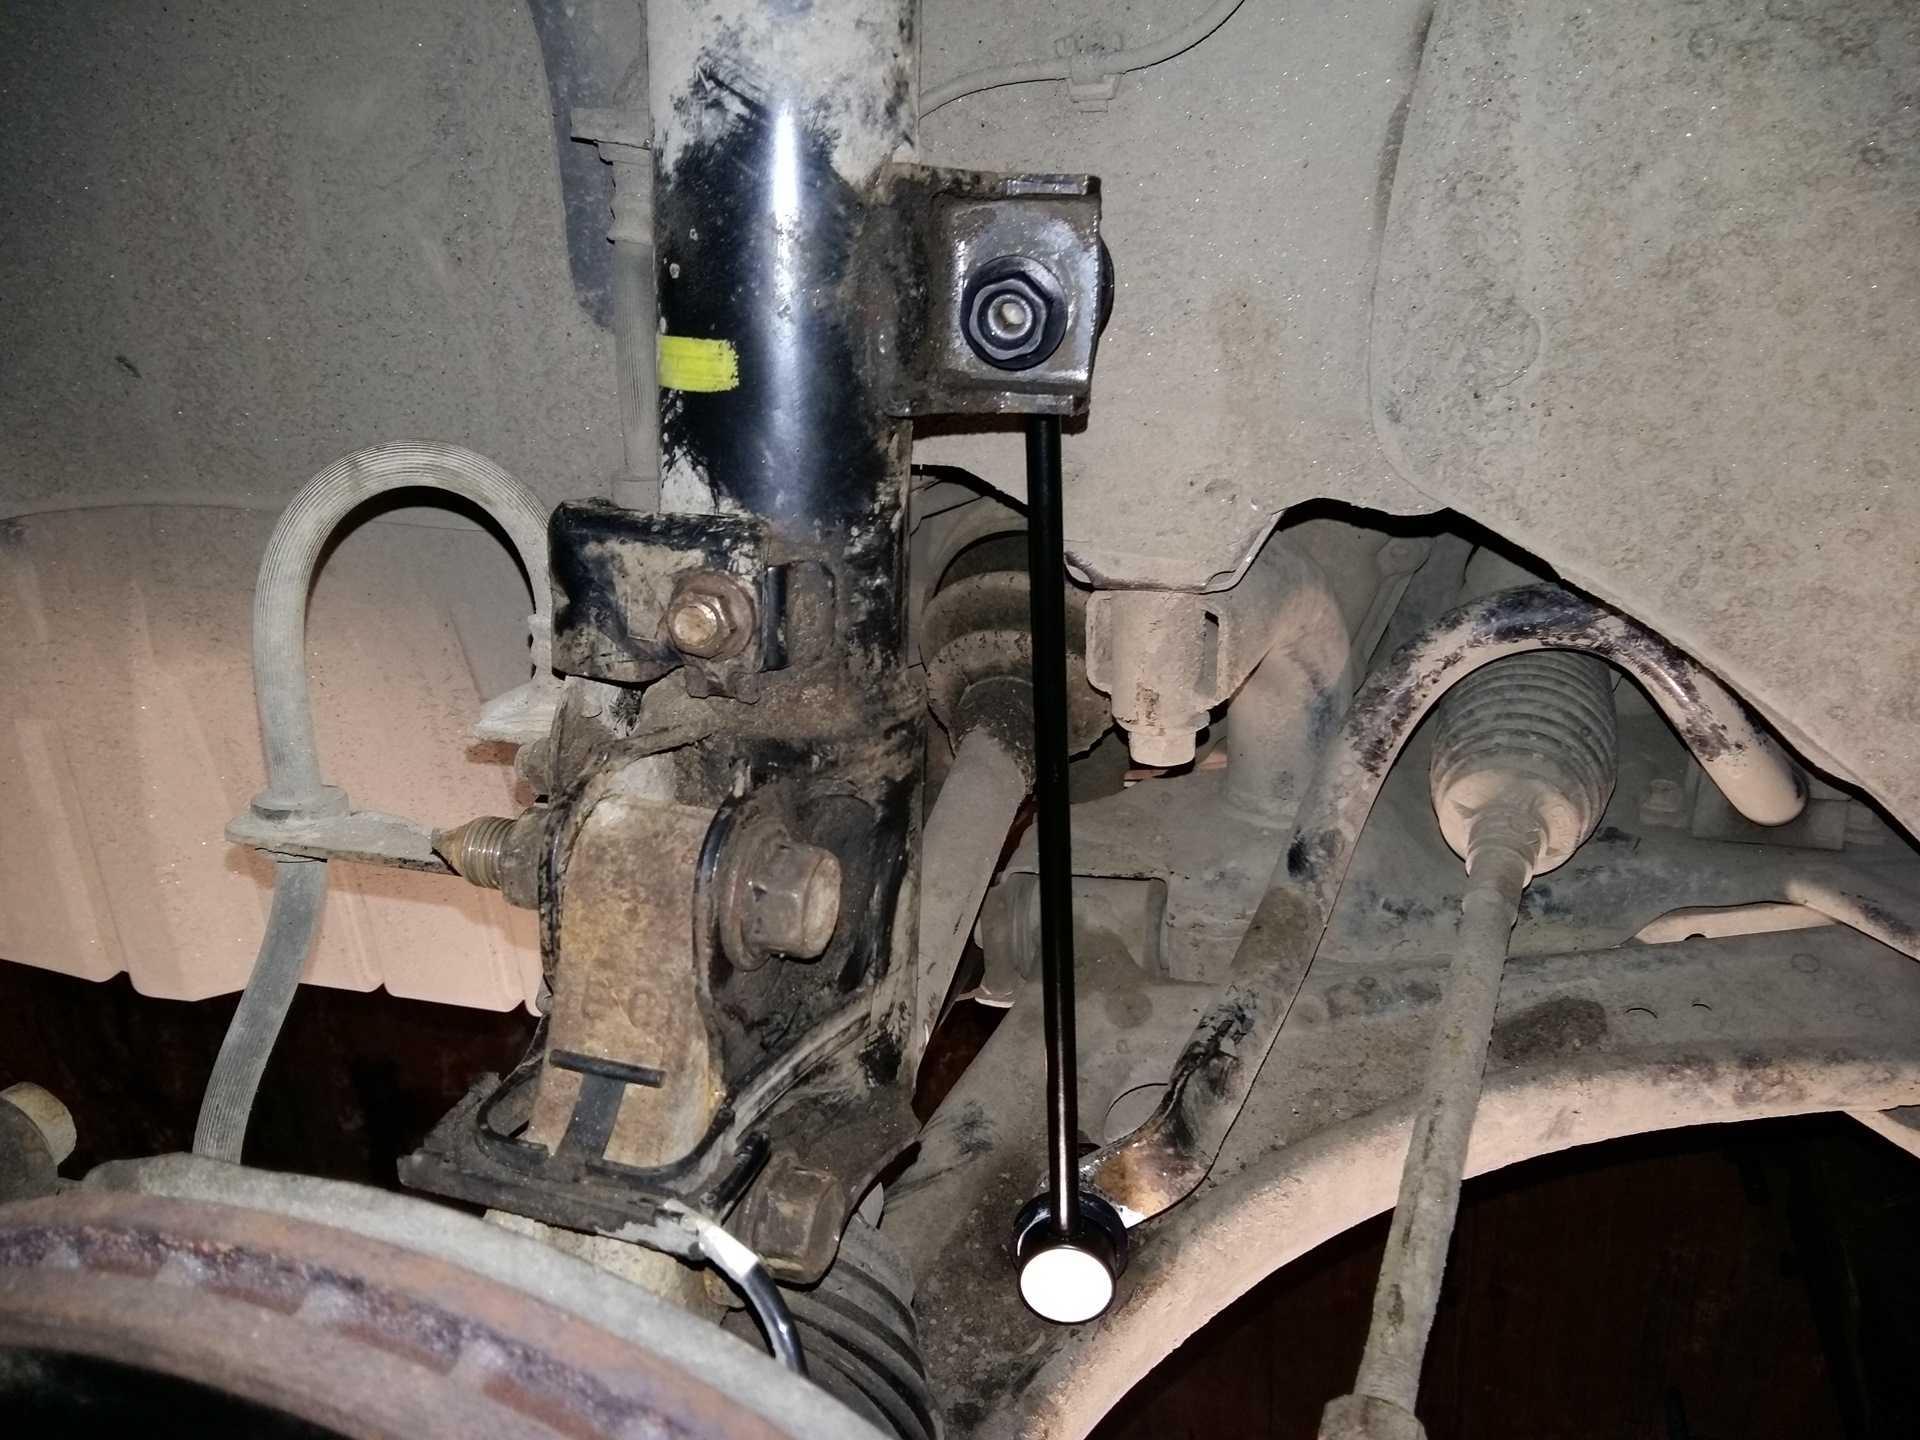 Стук в передней подвеске автомобиля может быть причиной износа деталей Возможные причины появления стков в передней и задней подвеске